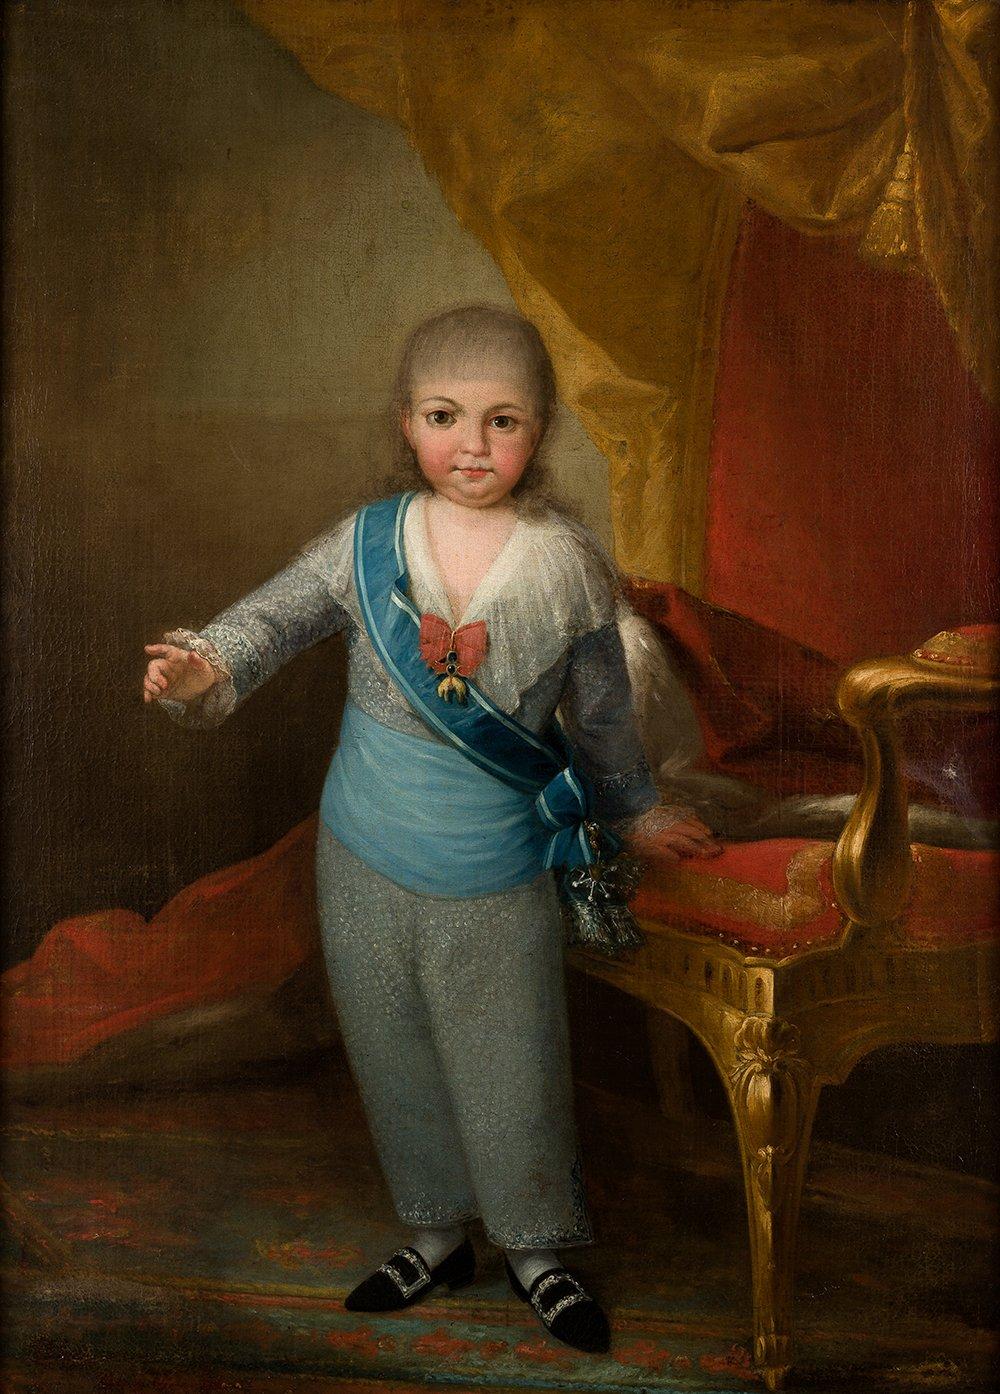 Antonio Carnicero. Fernando VII como Príncipe de Asturias, c. 1791. Salida y remate: 36.000 euros